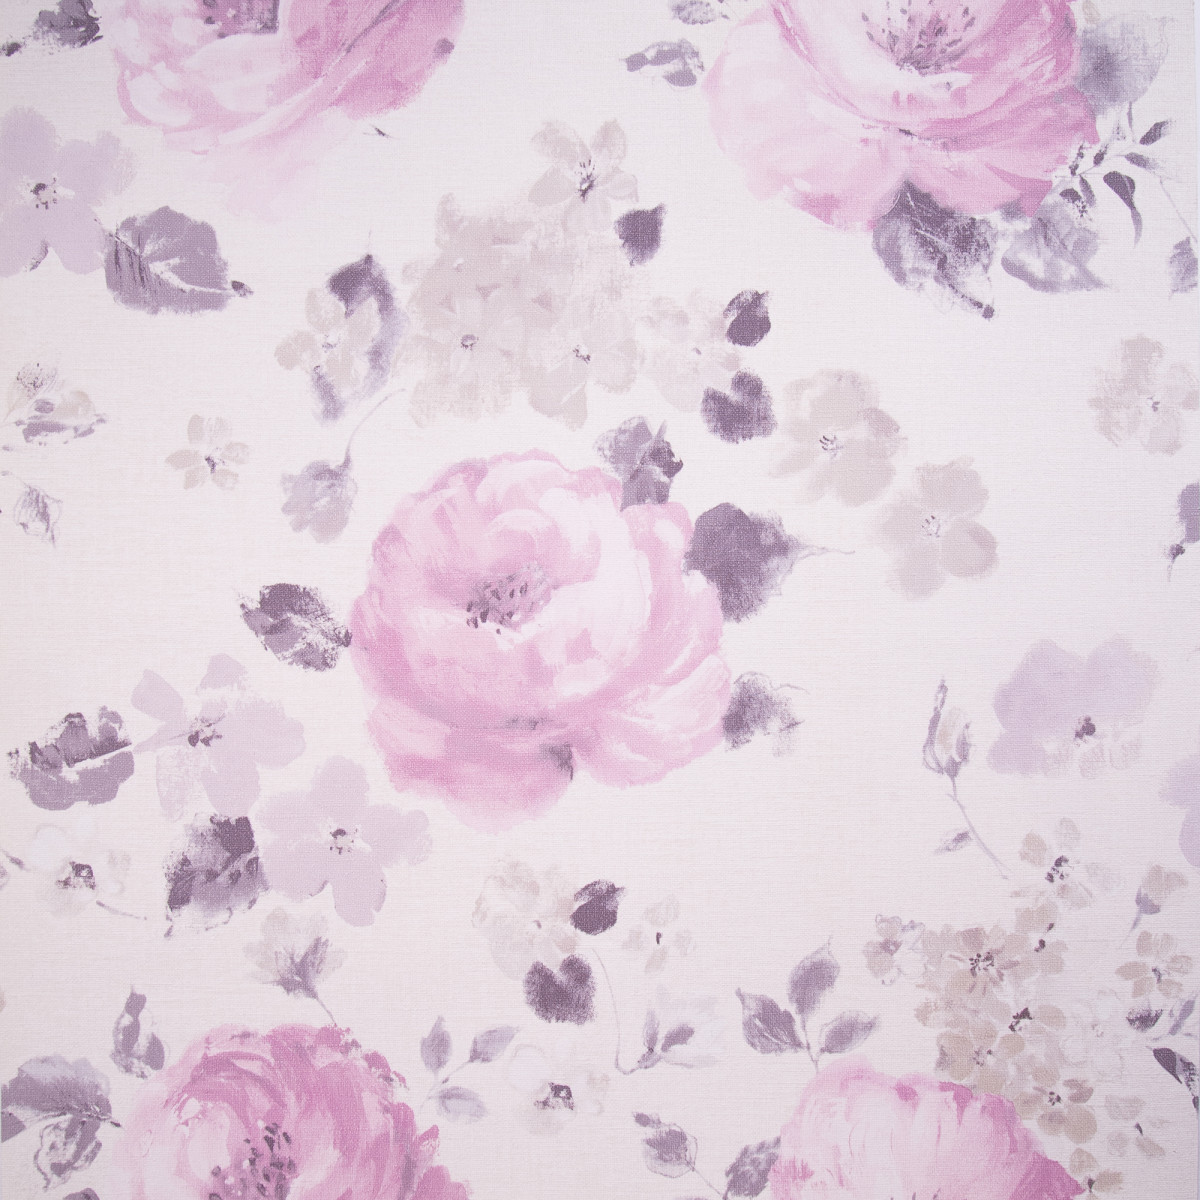 Обои на флизелиновой основе 0.53х10 м розы цвет сиреневый Ra 448832